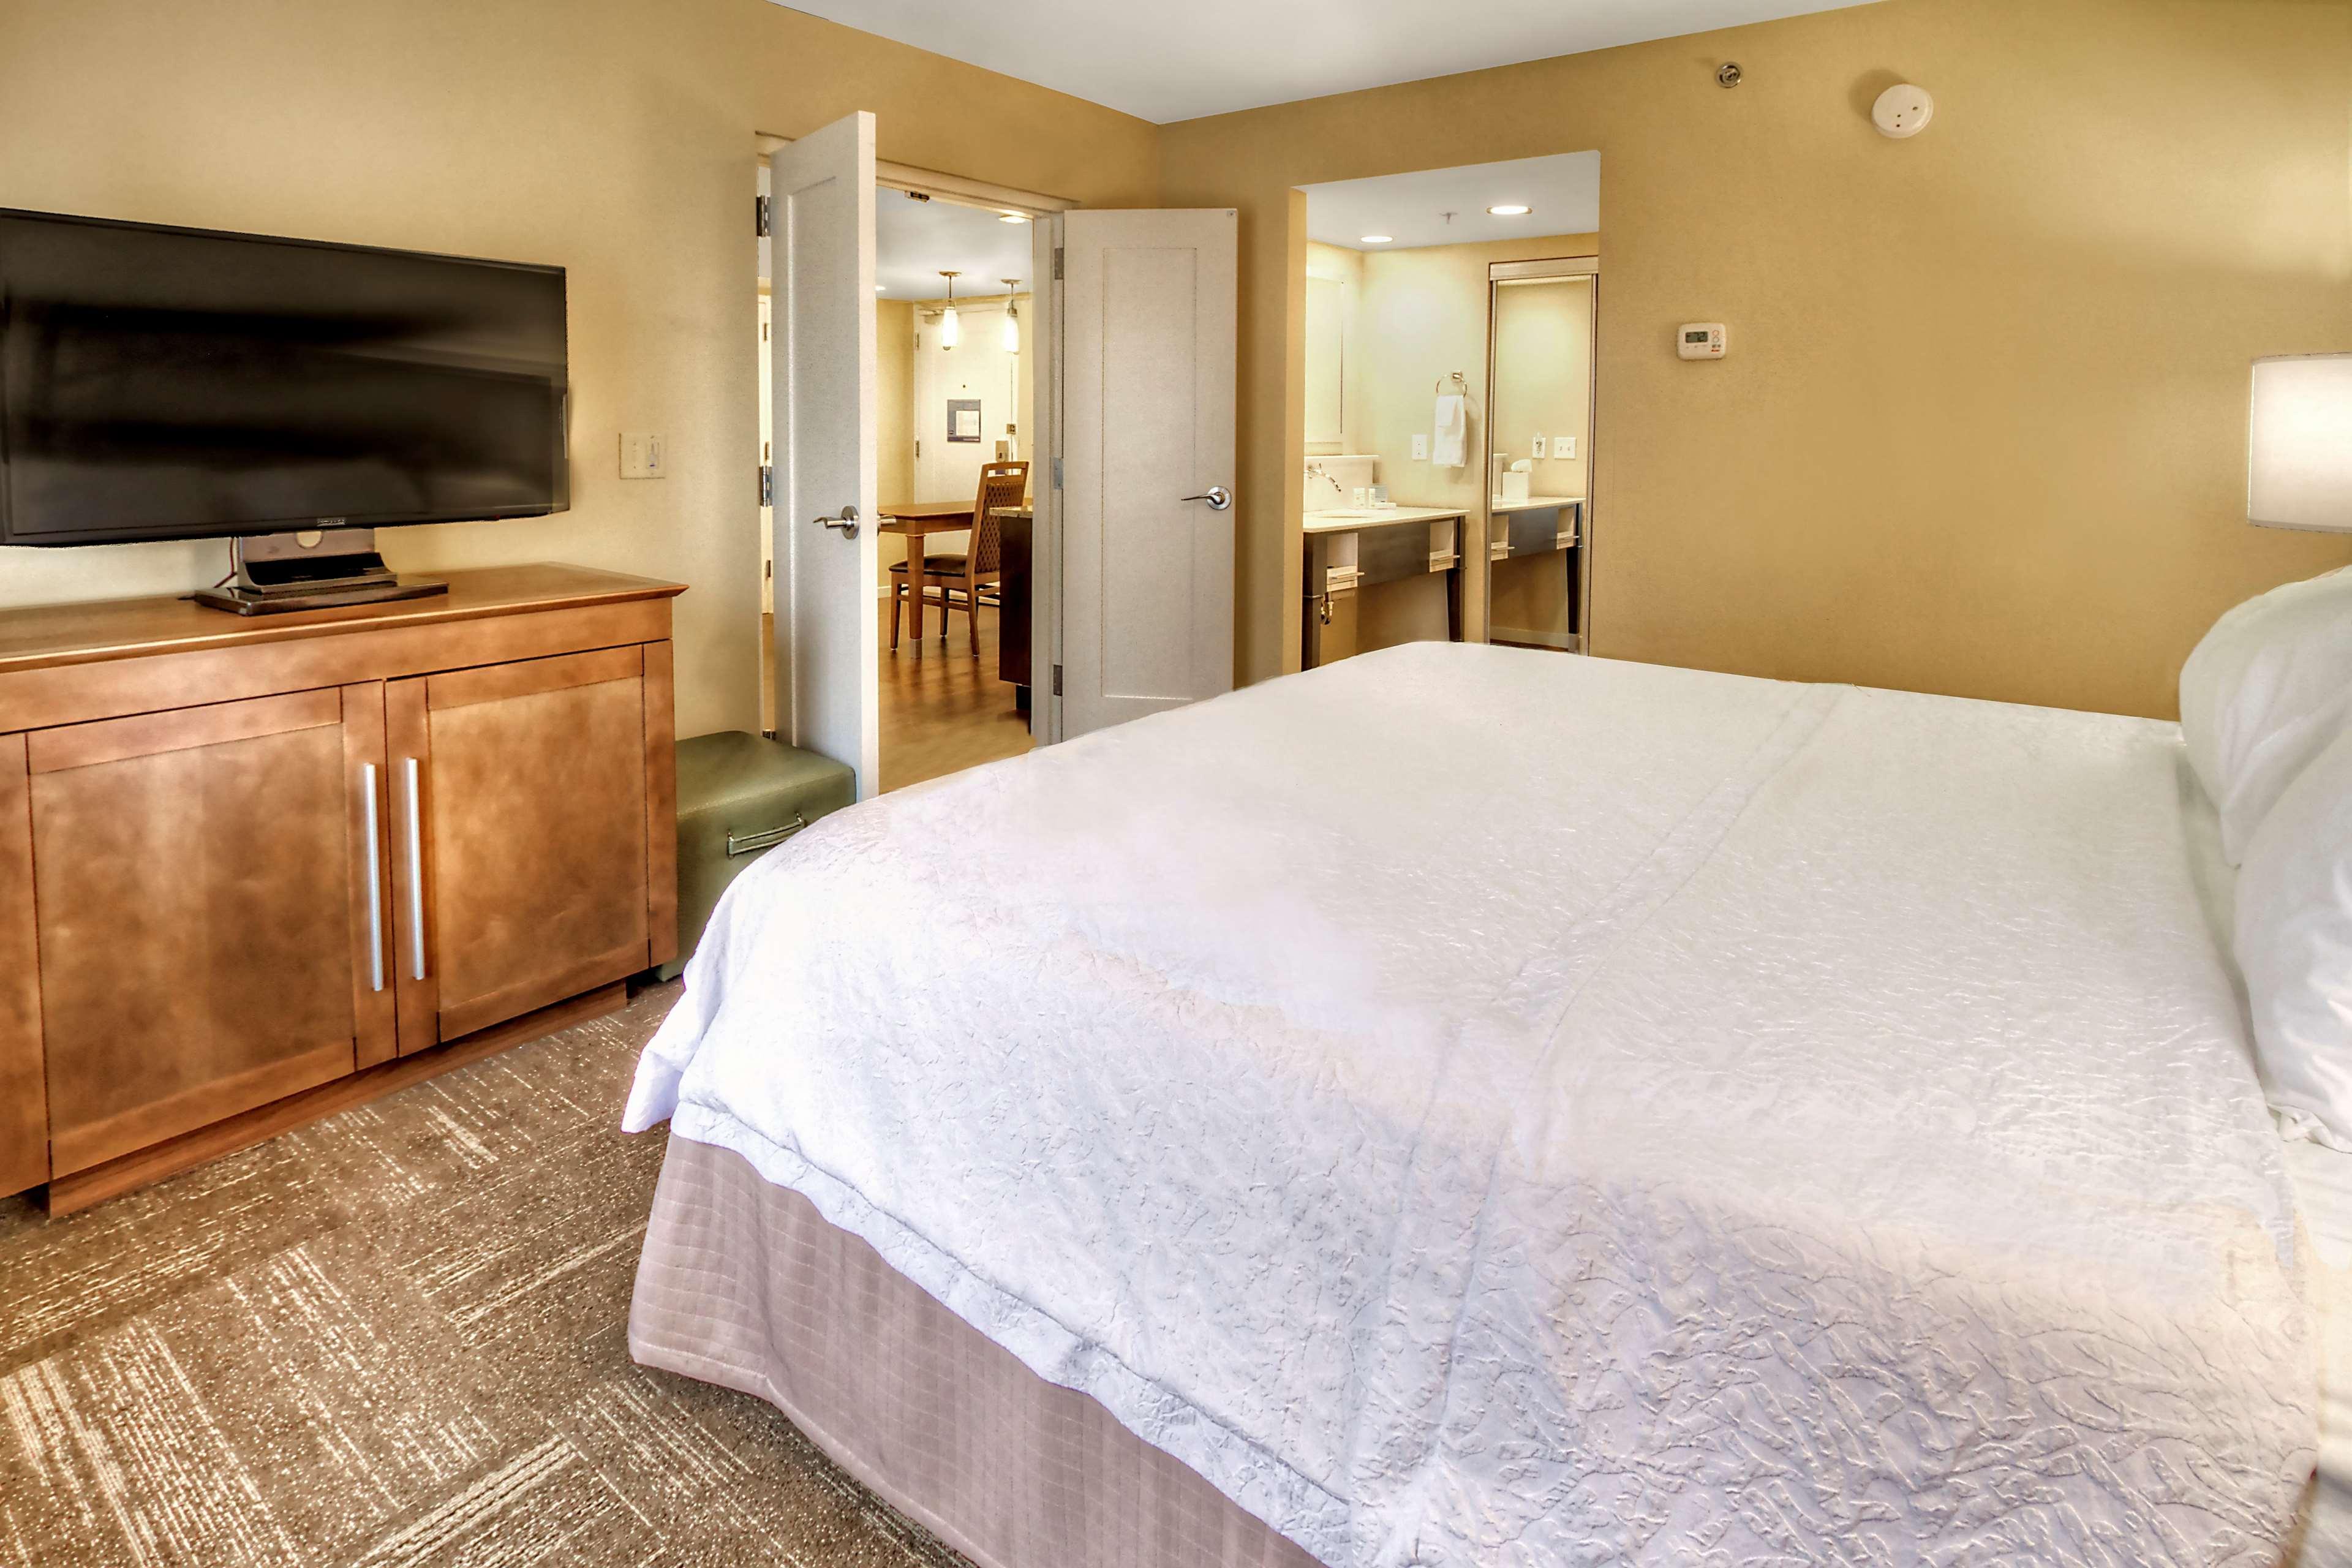 Hampton Inn & Suites Asheville-I-26 image 18